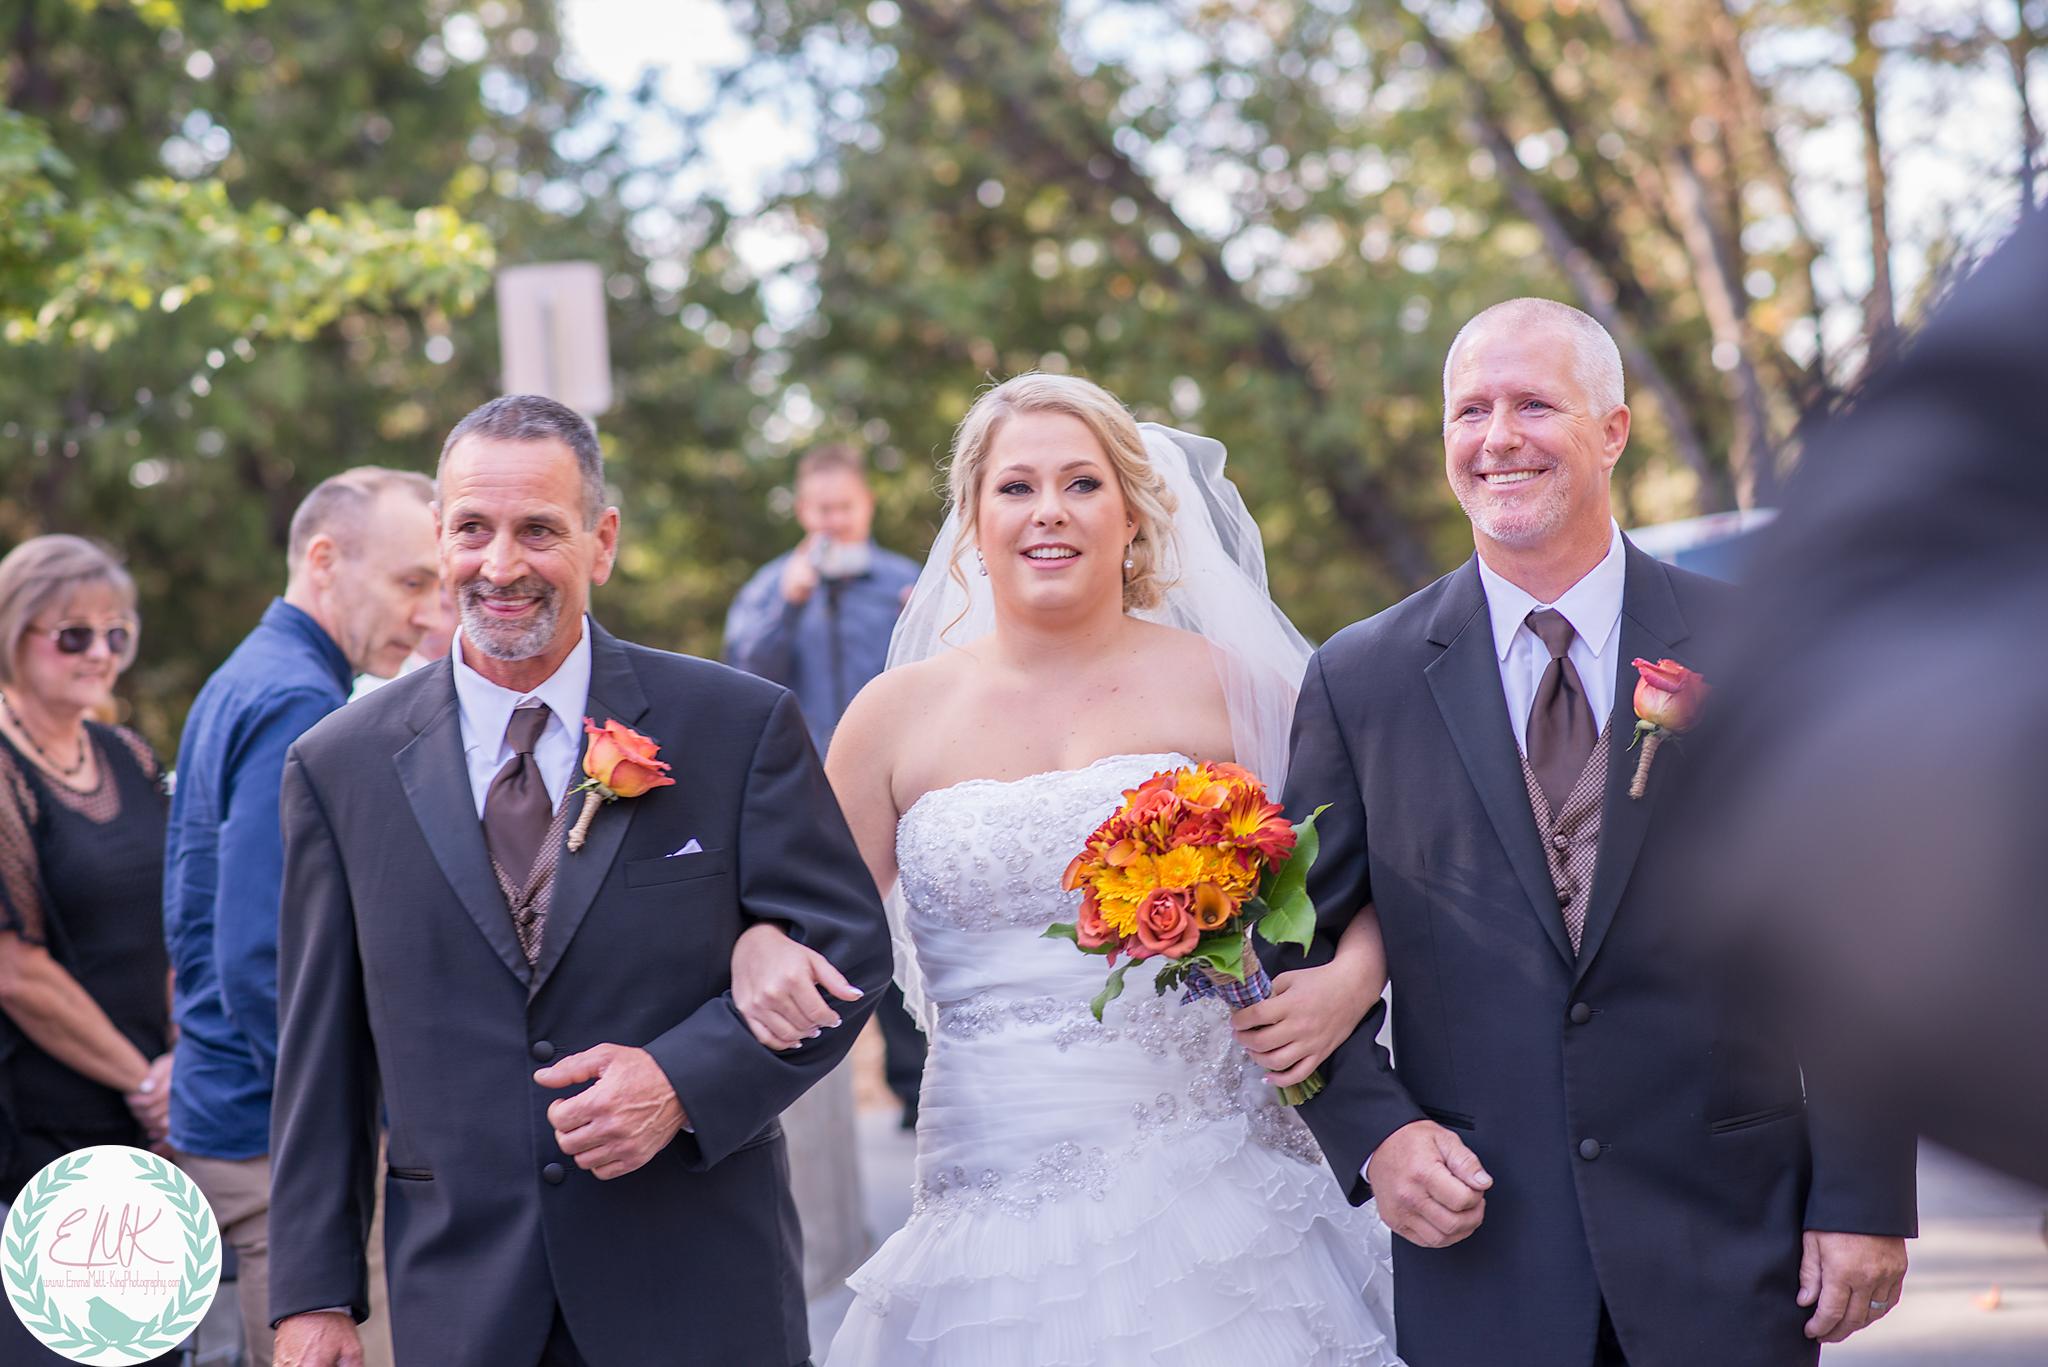 Waters Wedding EMKPhotography -26.jpg